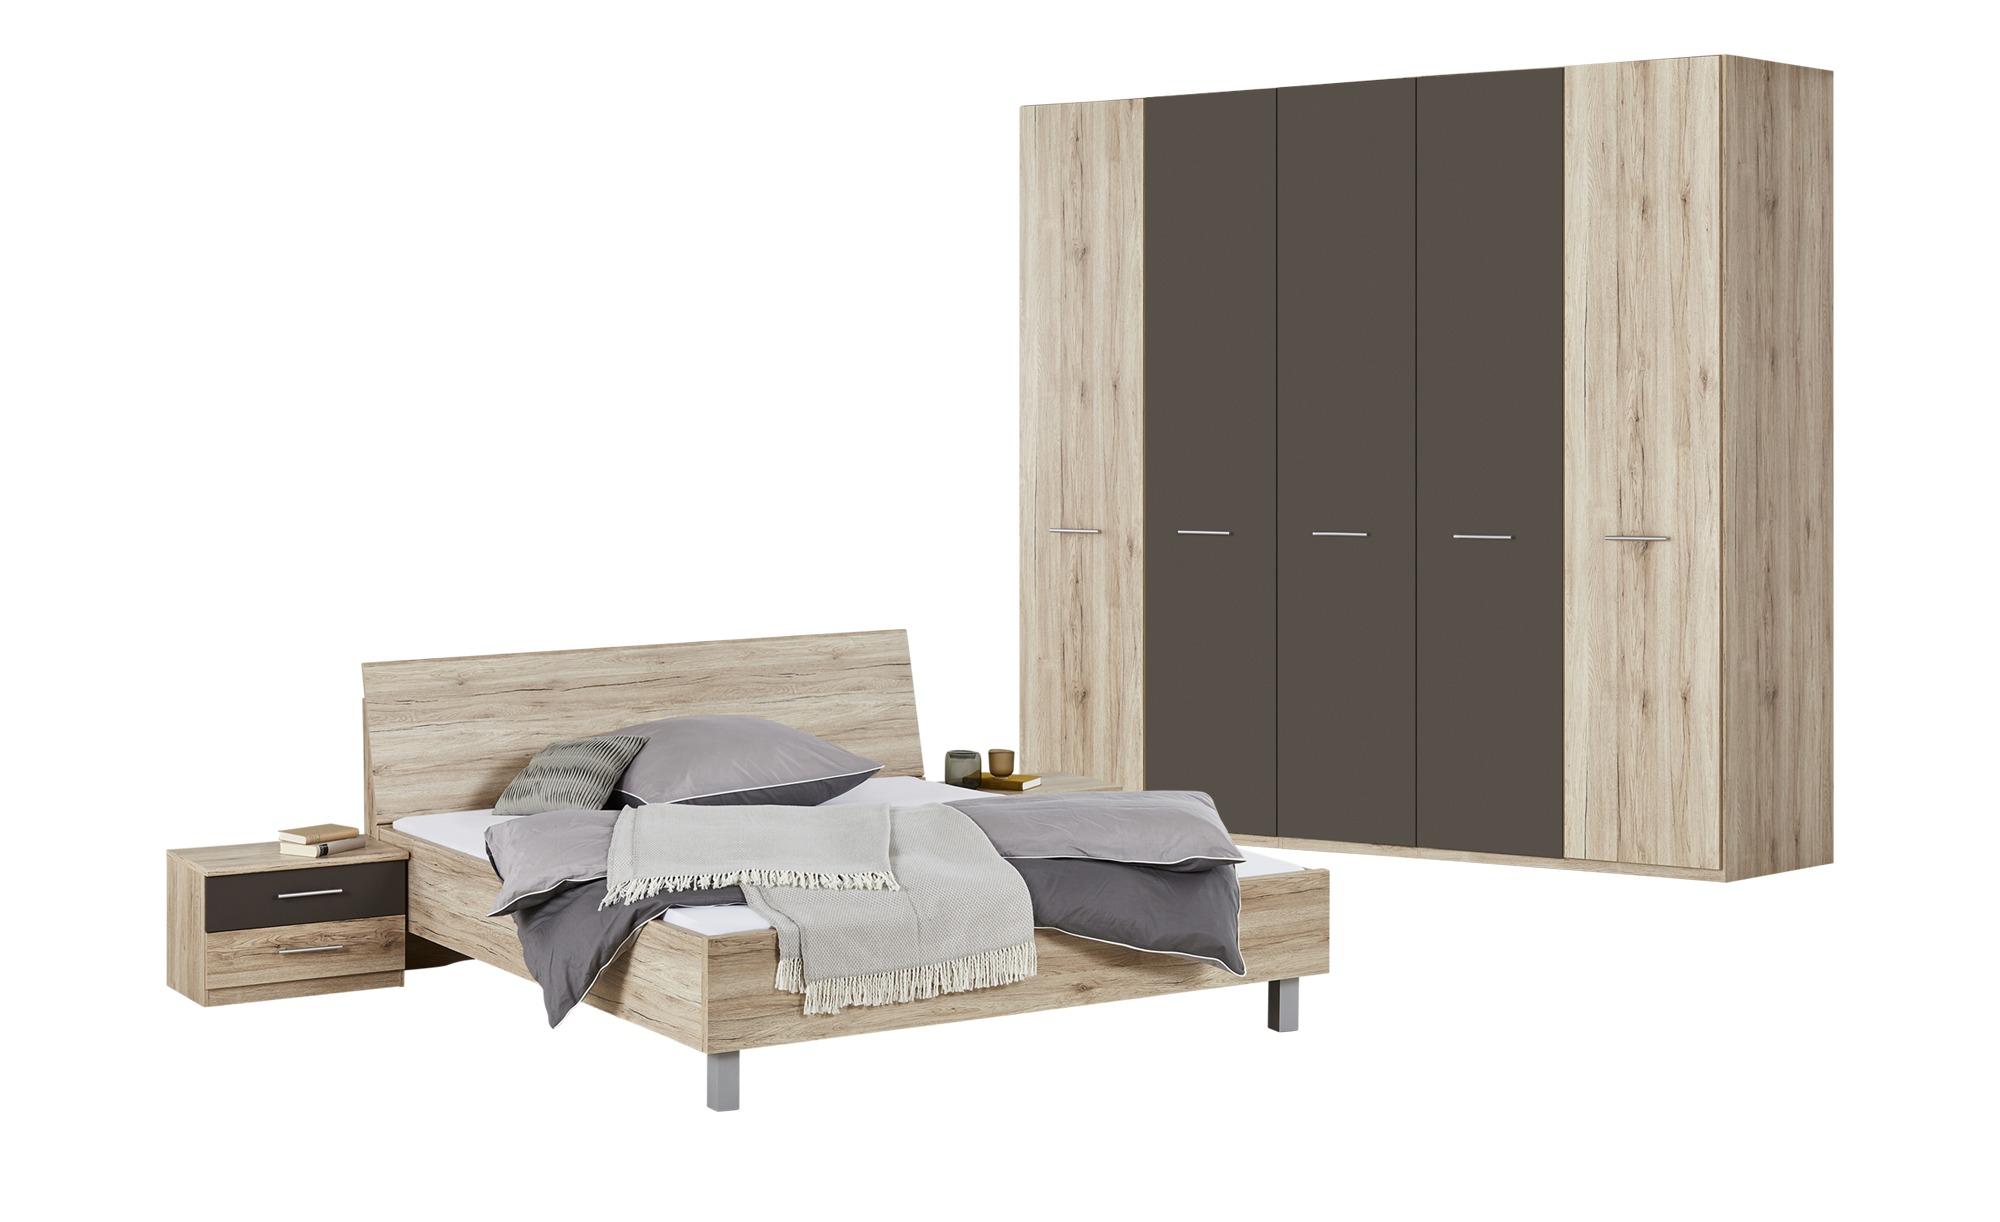 Komplett-Schlafzimmer 4-teilig  Pompea ¦ holzfarben ¦ Maße (cm): B: 250 H: 216 T: 58 Komplett-Schlafzimmer - Höffner